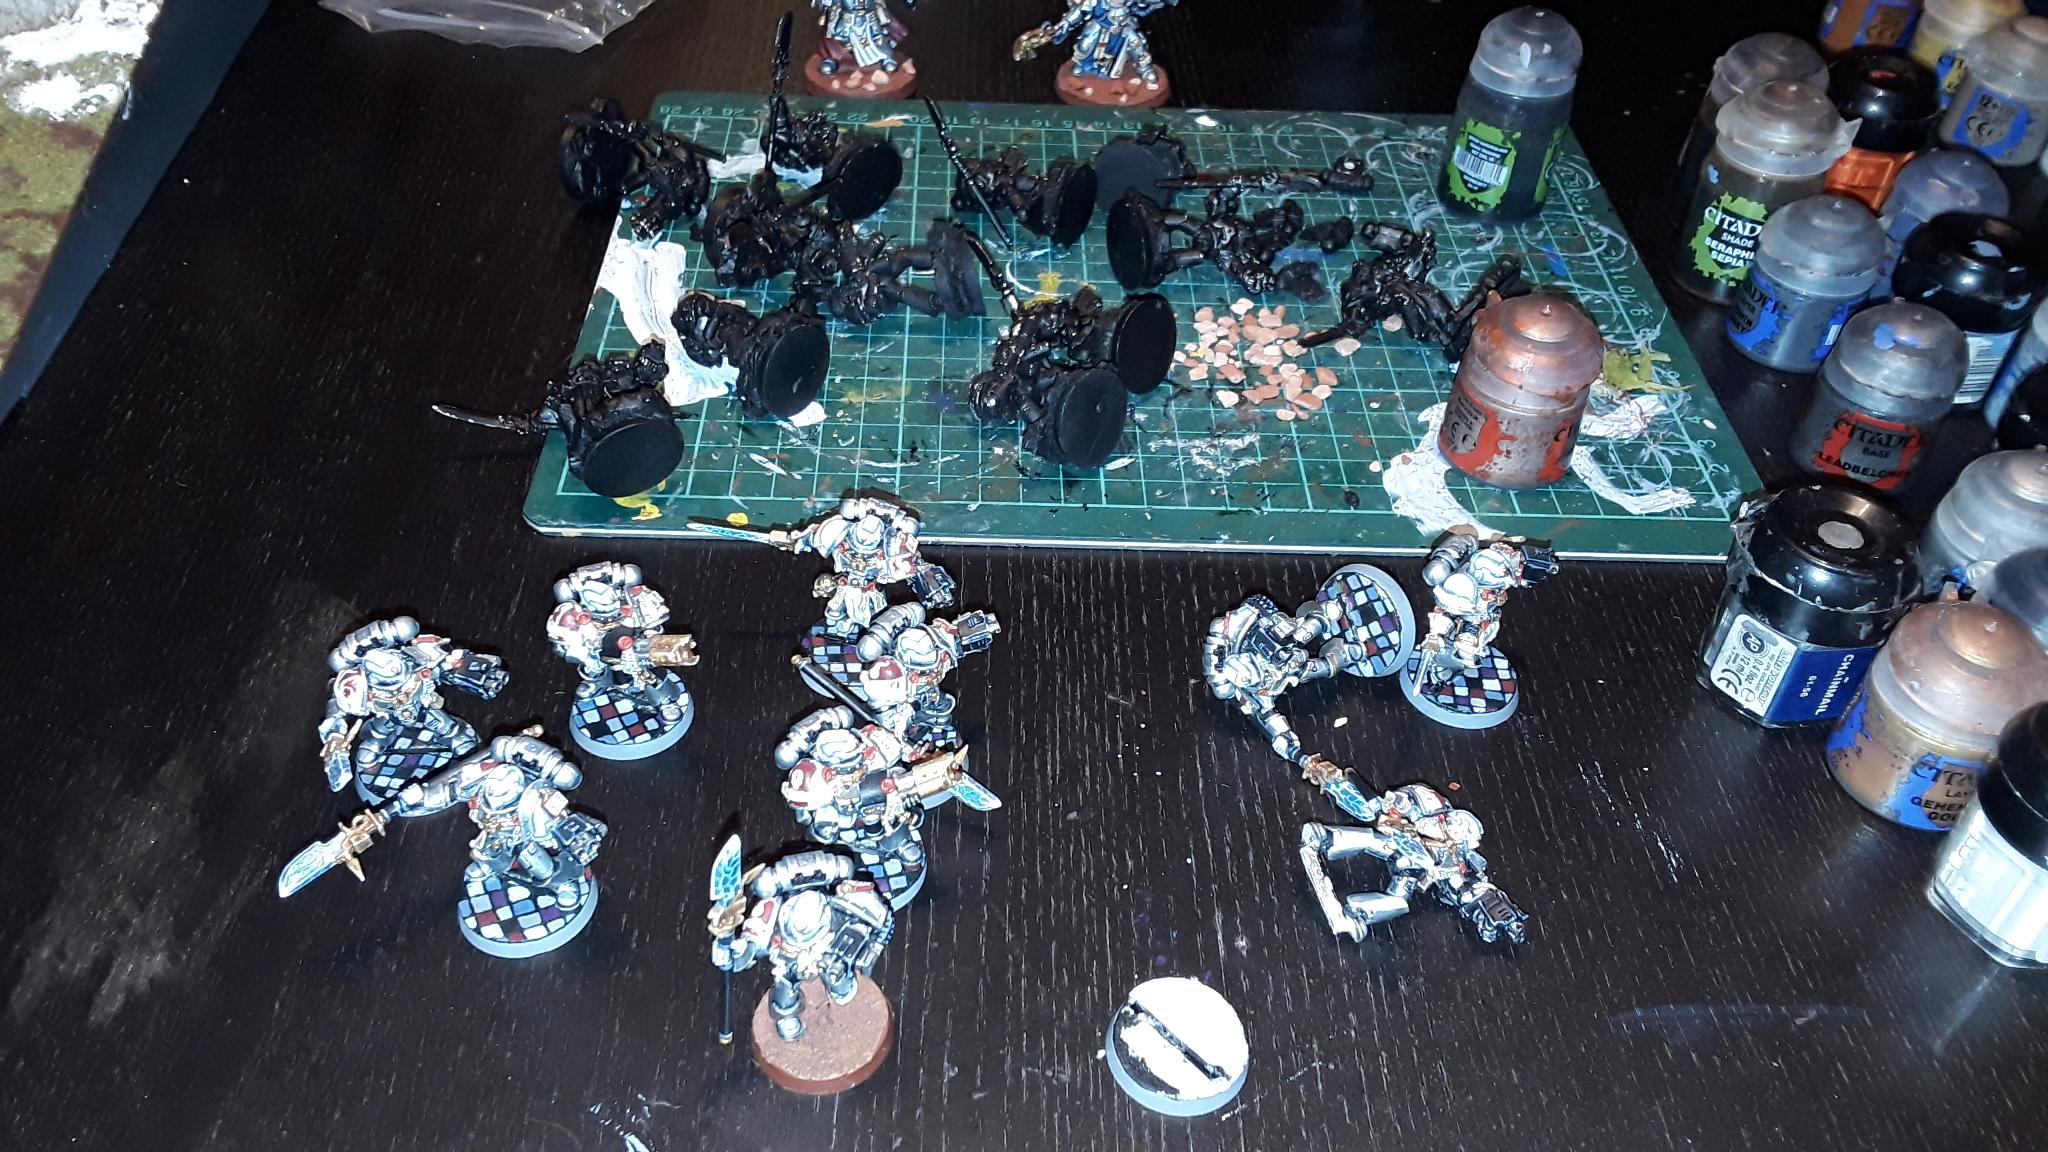 Mondschatten hat Arbeit und meine Grey Knights bekommen Verstärkung